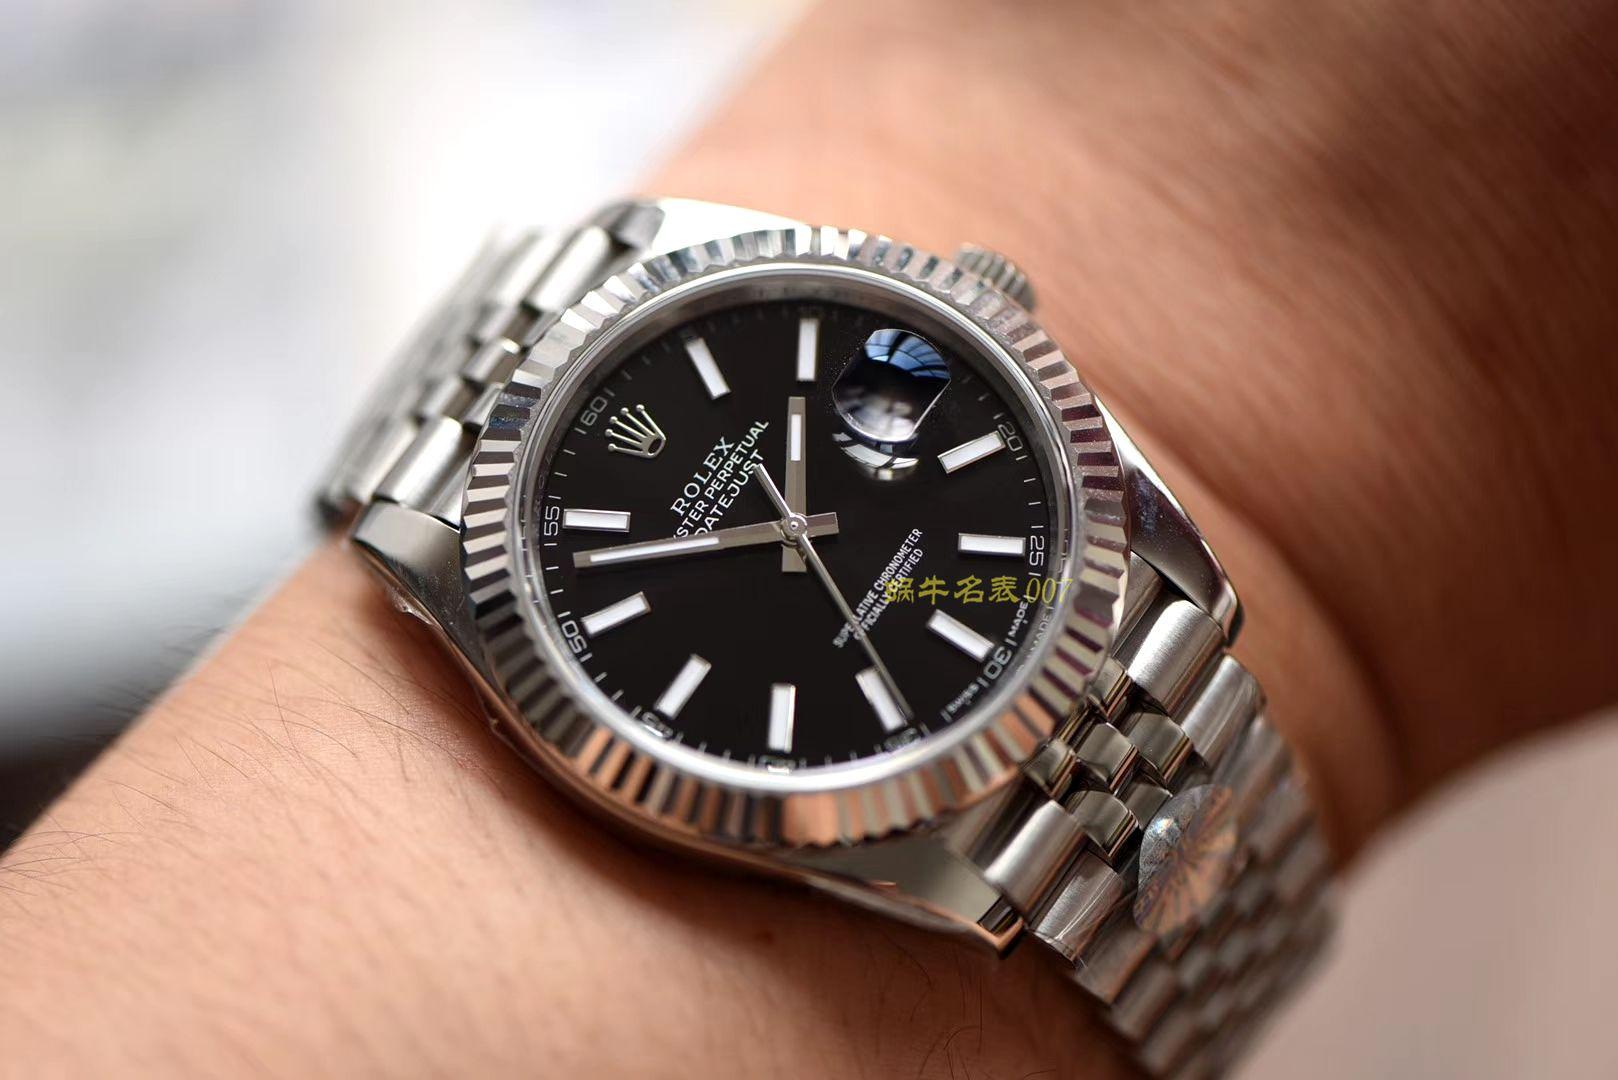 【AR厂一比一超A复刻】劳力士日志型系列m126334-0014腕表、126334蚝式蓝盘腕表、m126334-0010腕表 / R263